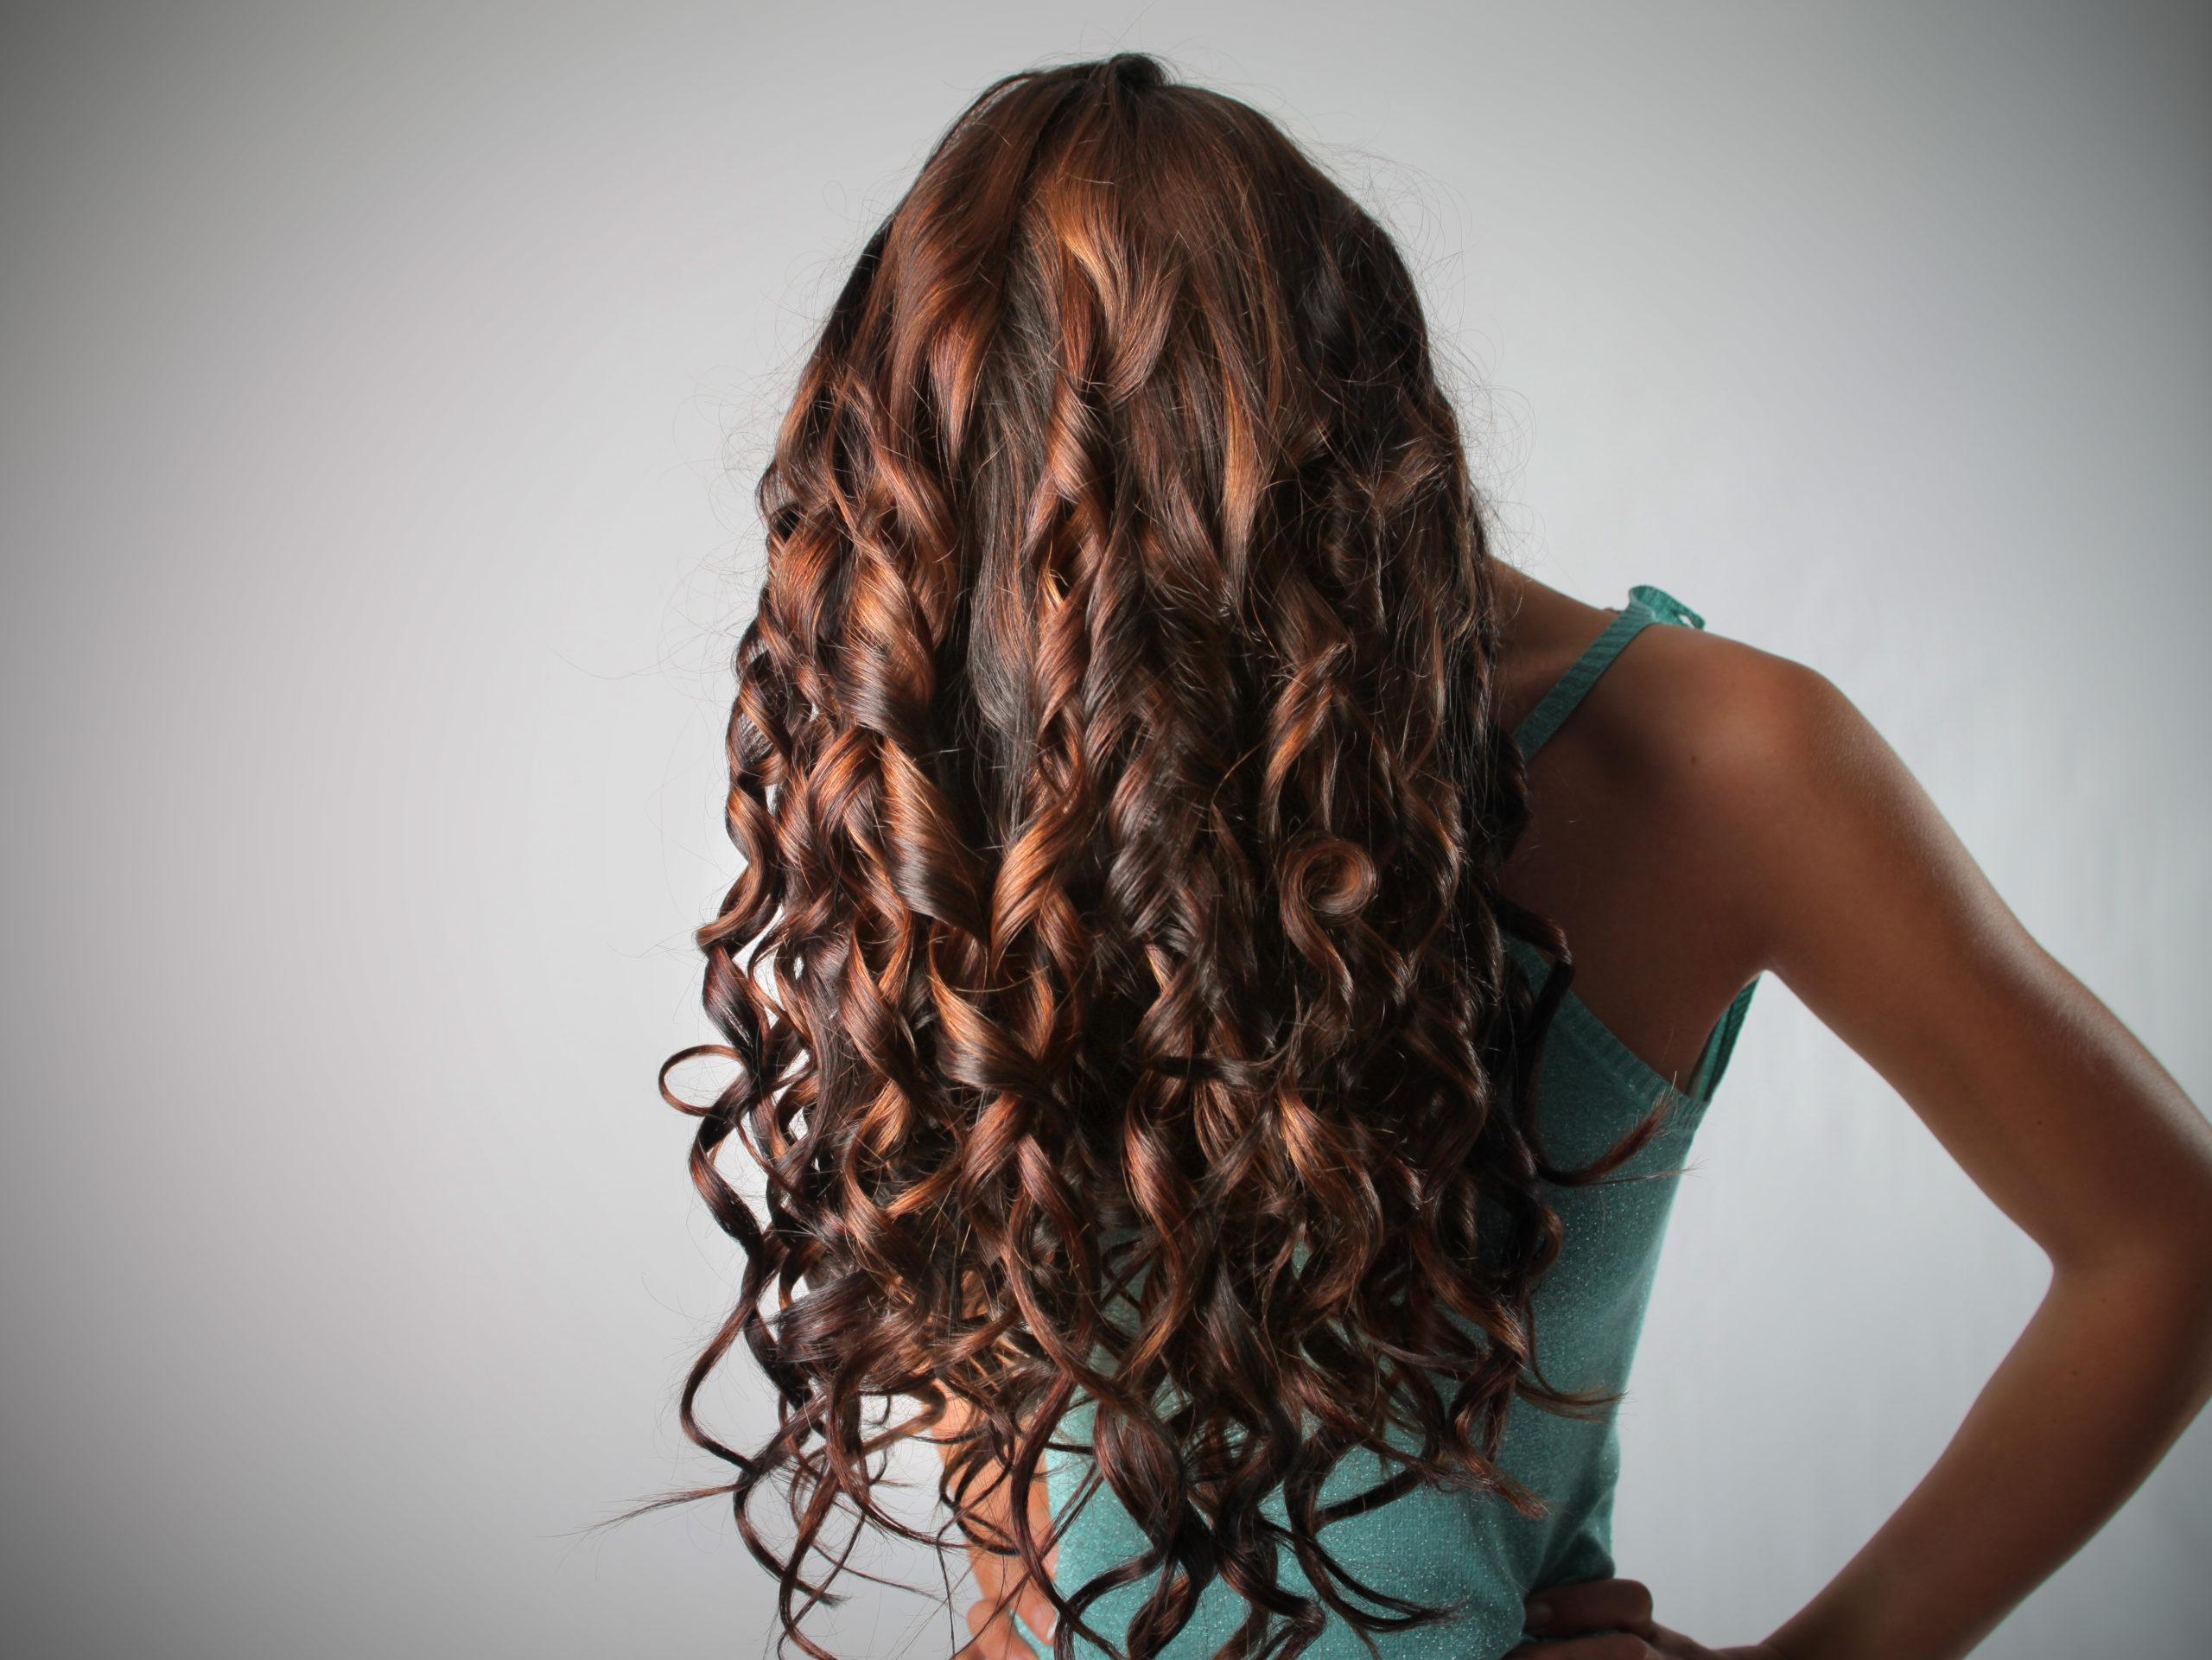 Plus de conseils utiles pour des cheveux brillants et sains